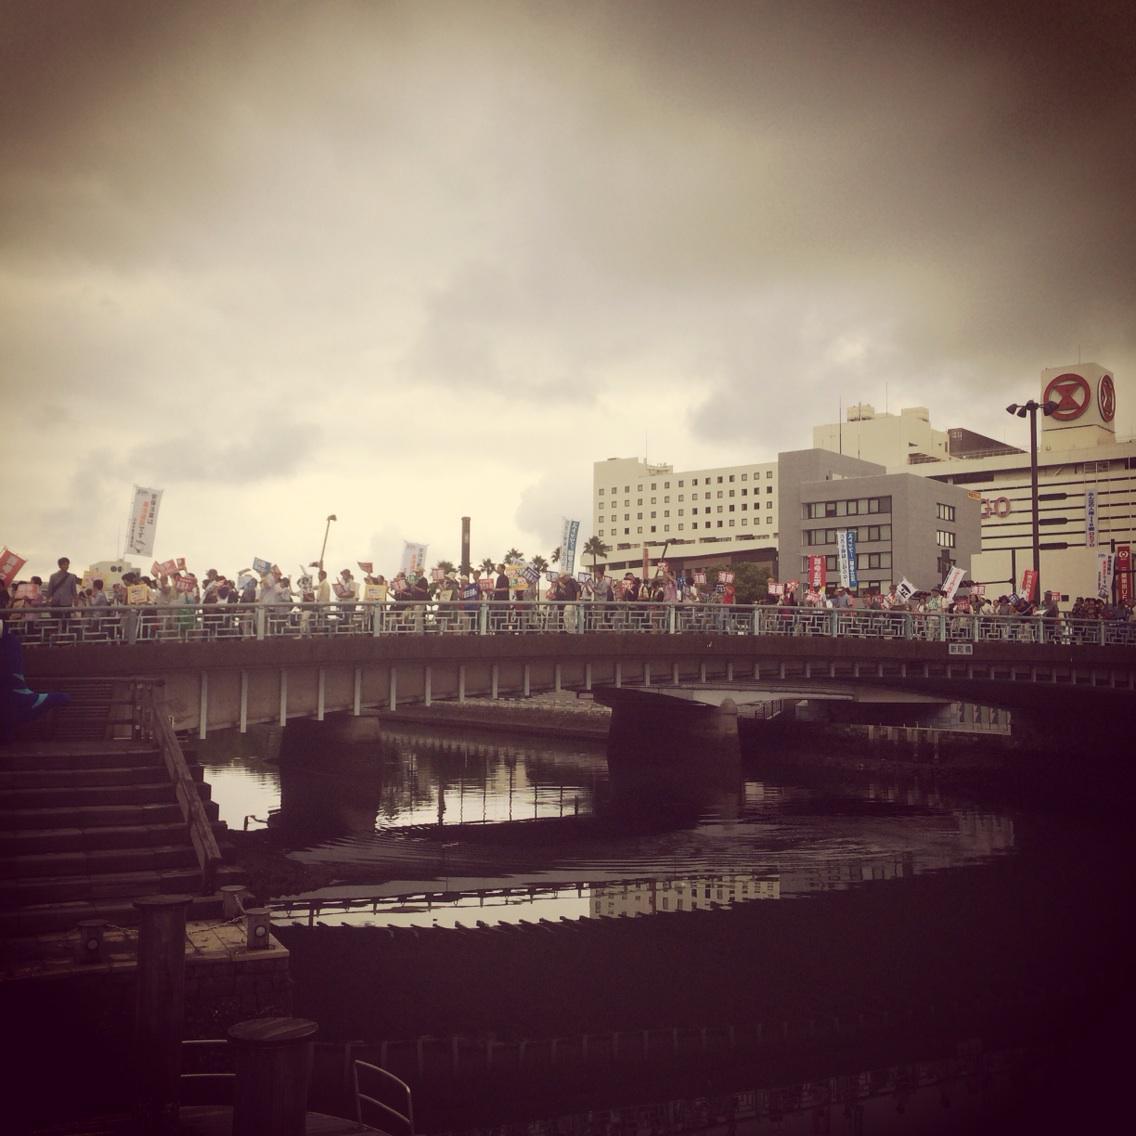 徳島でデモに遭遇!出番まで時間あるので合流します‼︎ http://t.co/EGJtjOk5OY